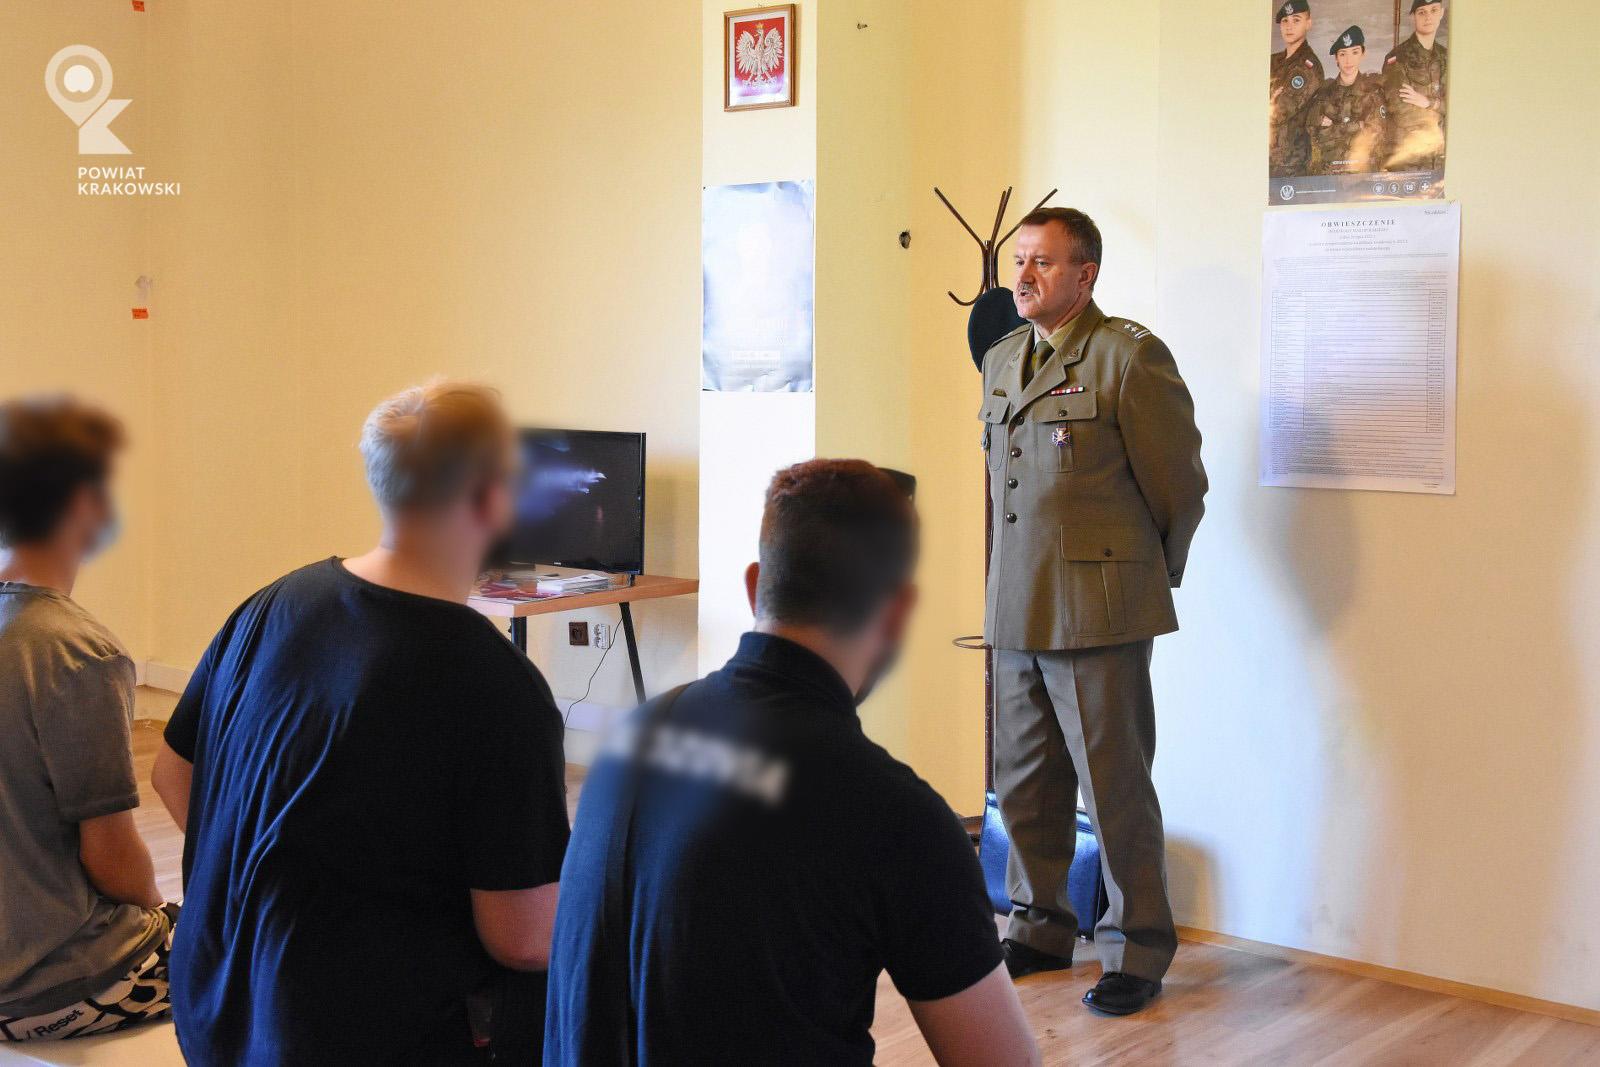 Wojskowy Komendant Uzupełnień ppłk mgr inż. Piotr Waręcki mówi do grupy siedzących chłopaków